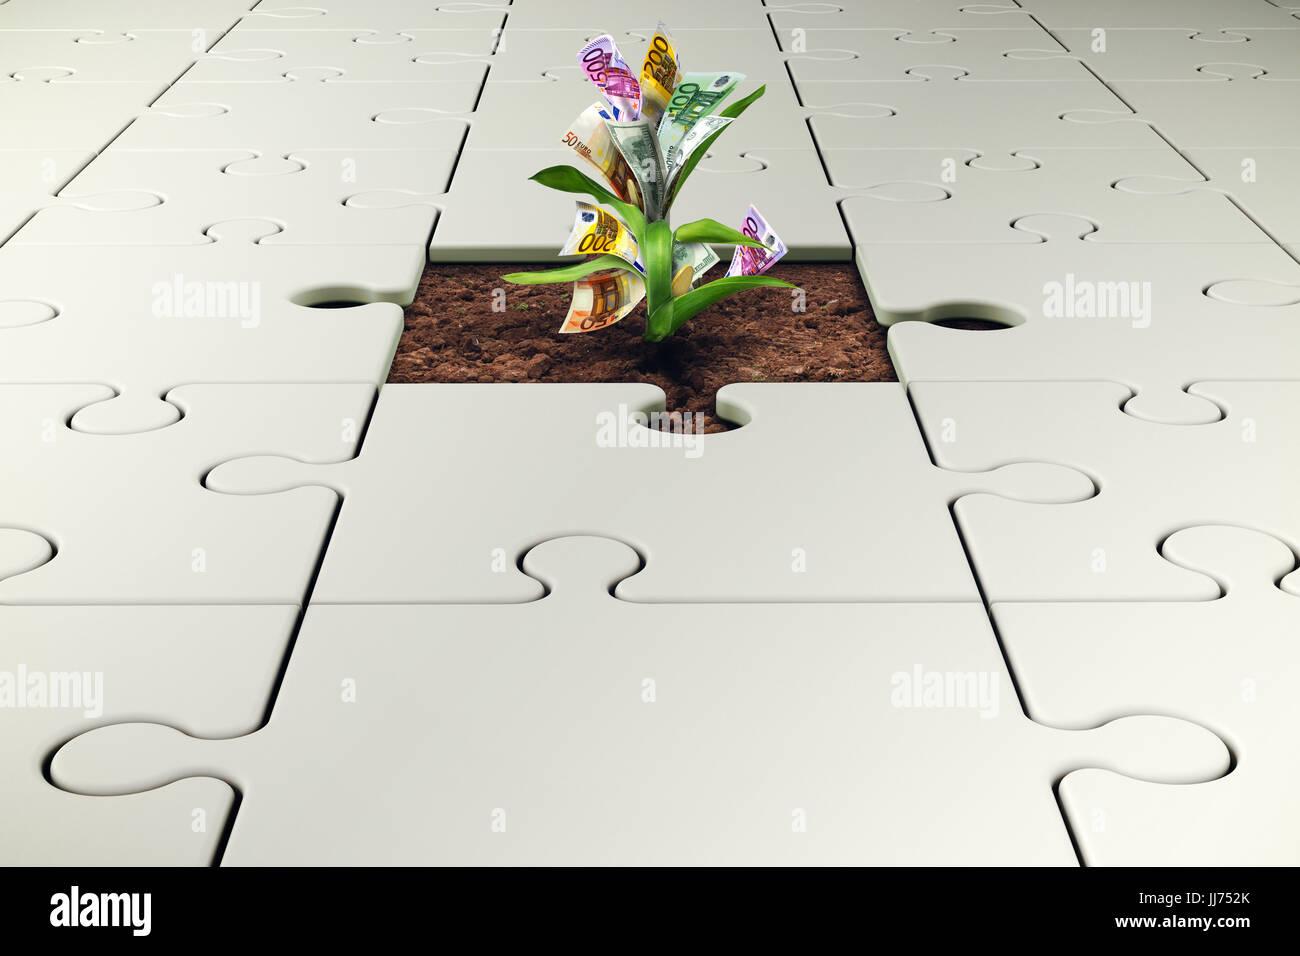 Planta con dinero crece a partir de una pieza faltante del rompecabezas Foto de stock